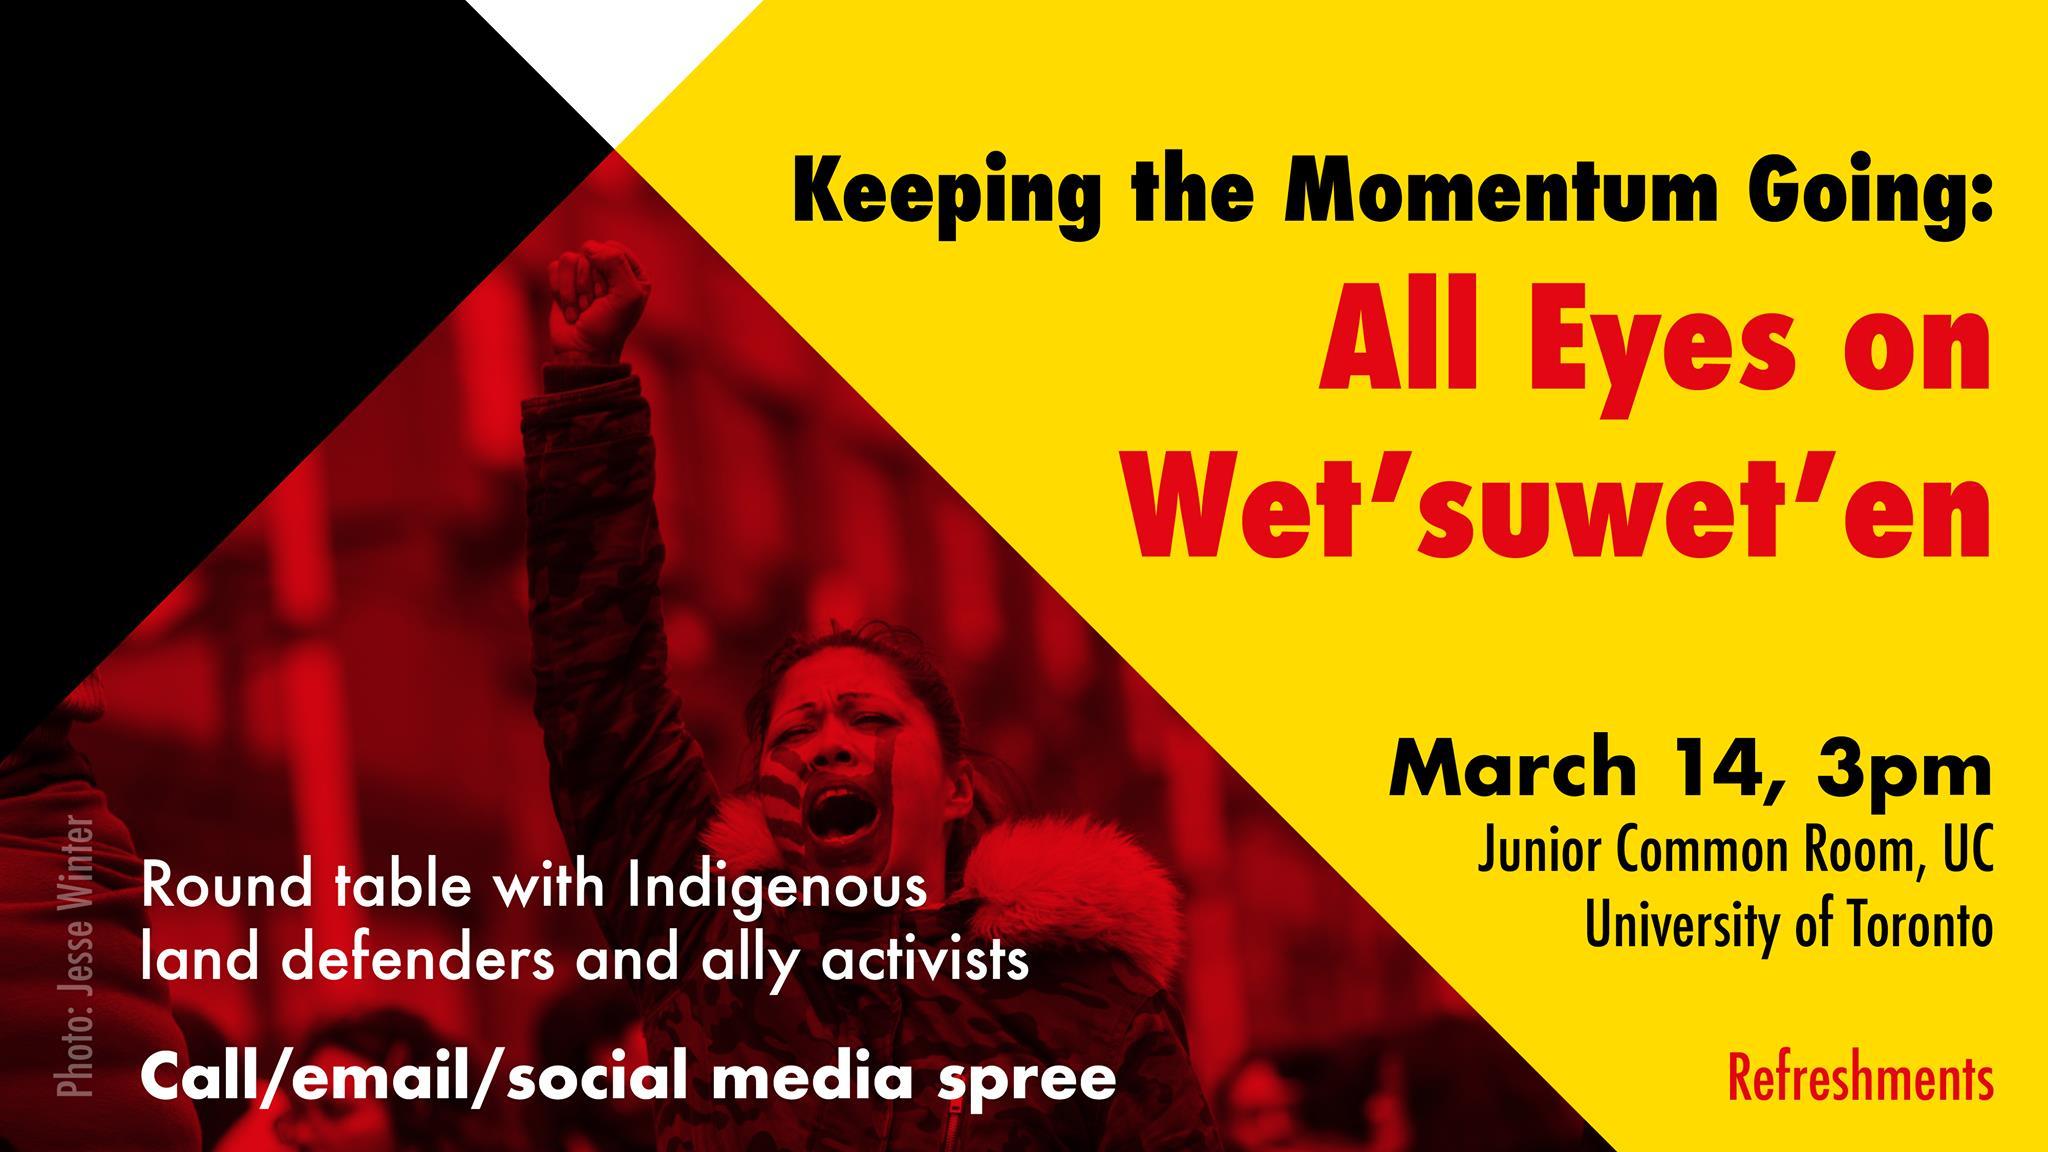 Keep the Momentum Going: All Eyes on Wet'suwet'en Calling Spree